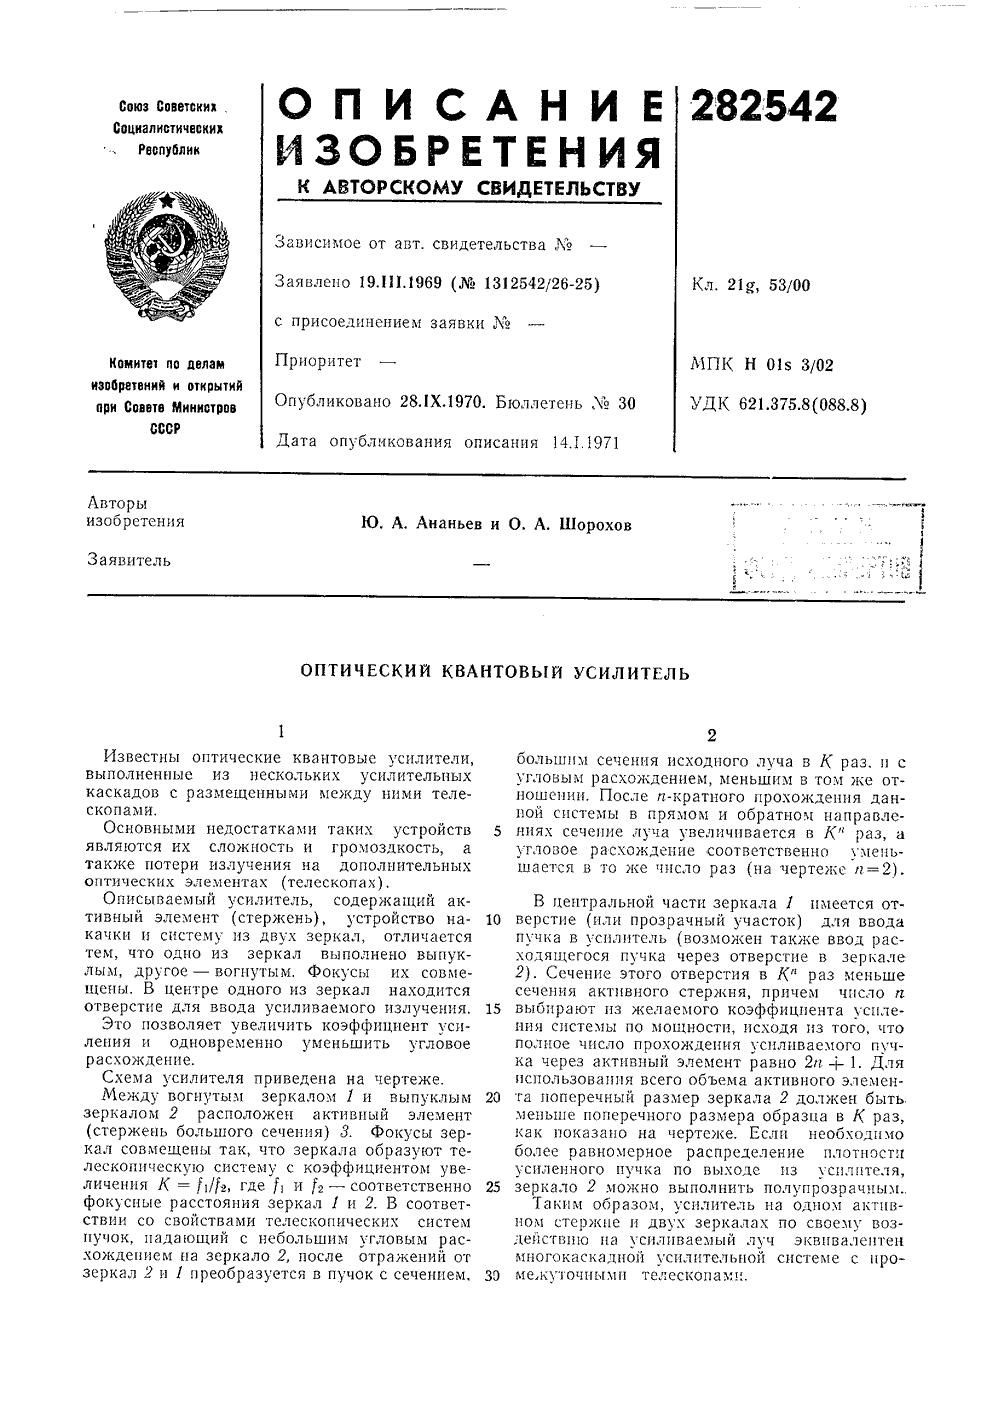 Номер патента: 269127. валков. муфты при помощи пневмоцилиндра 9 она расцеп